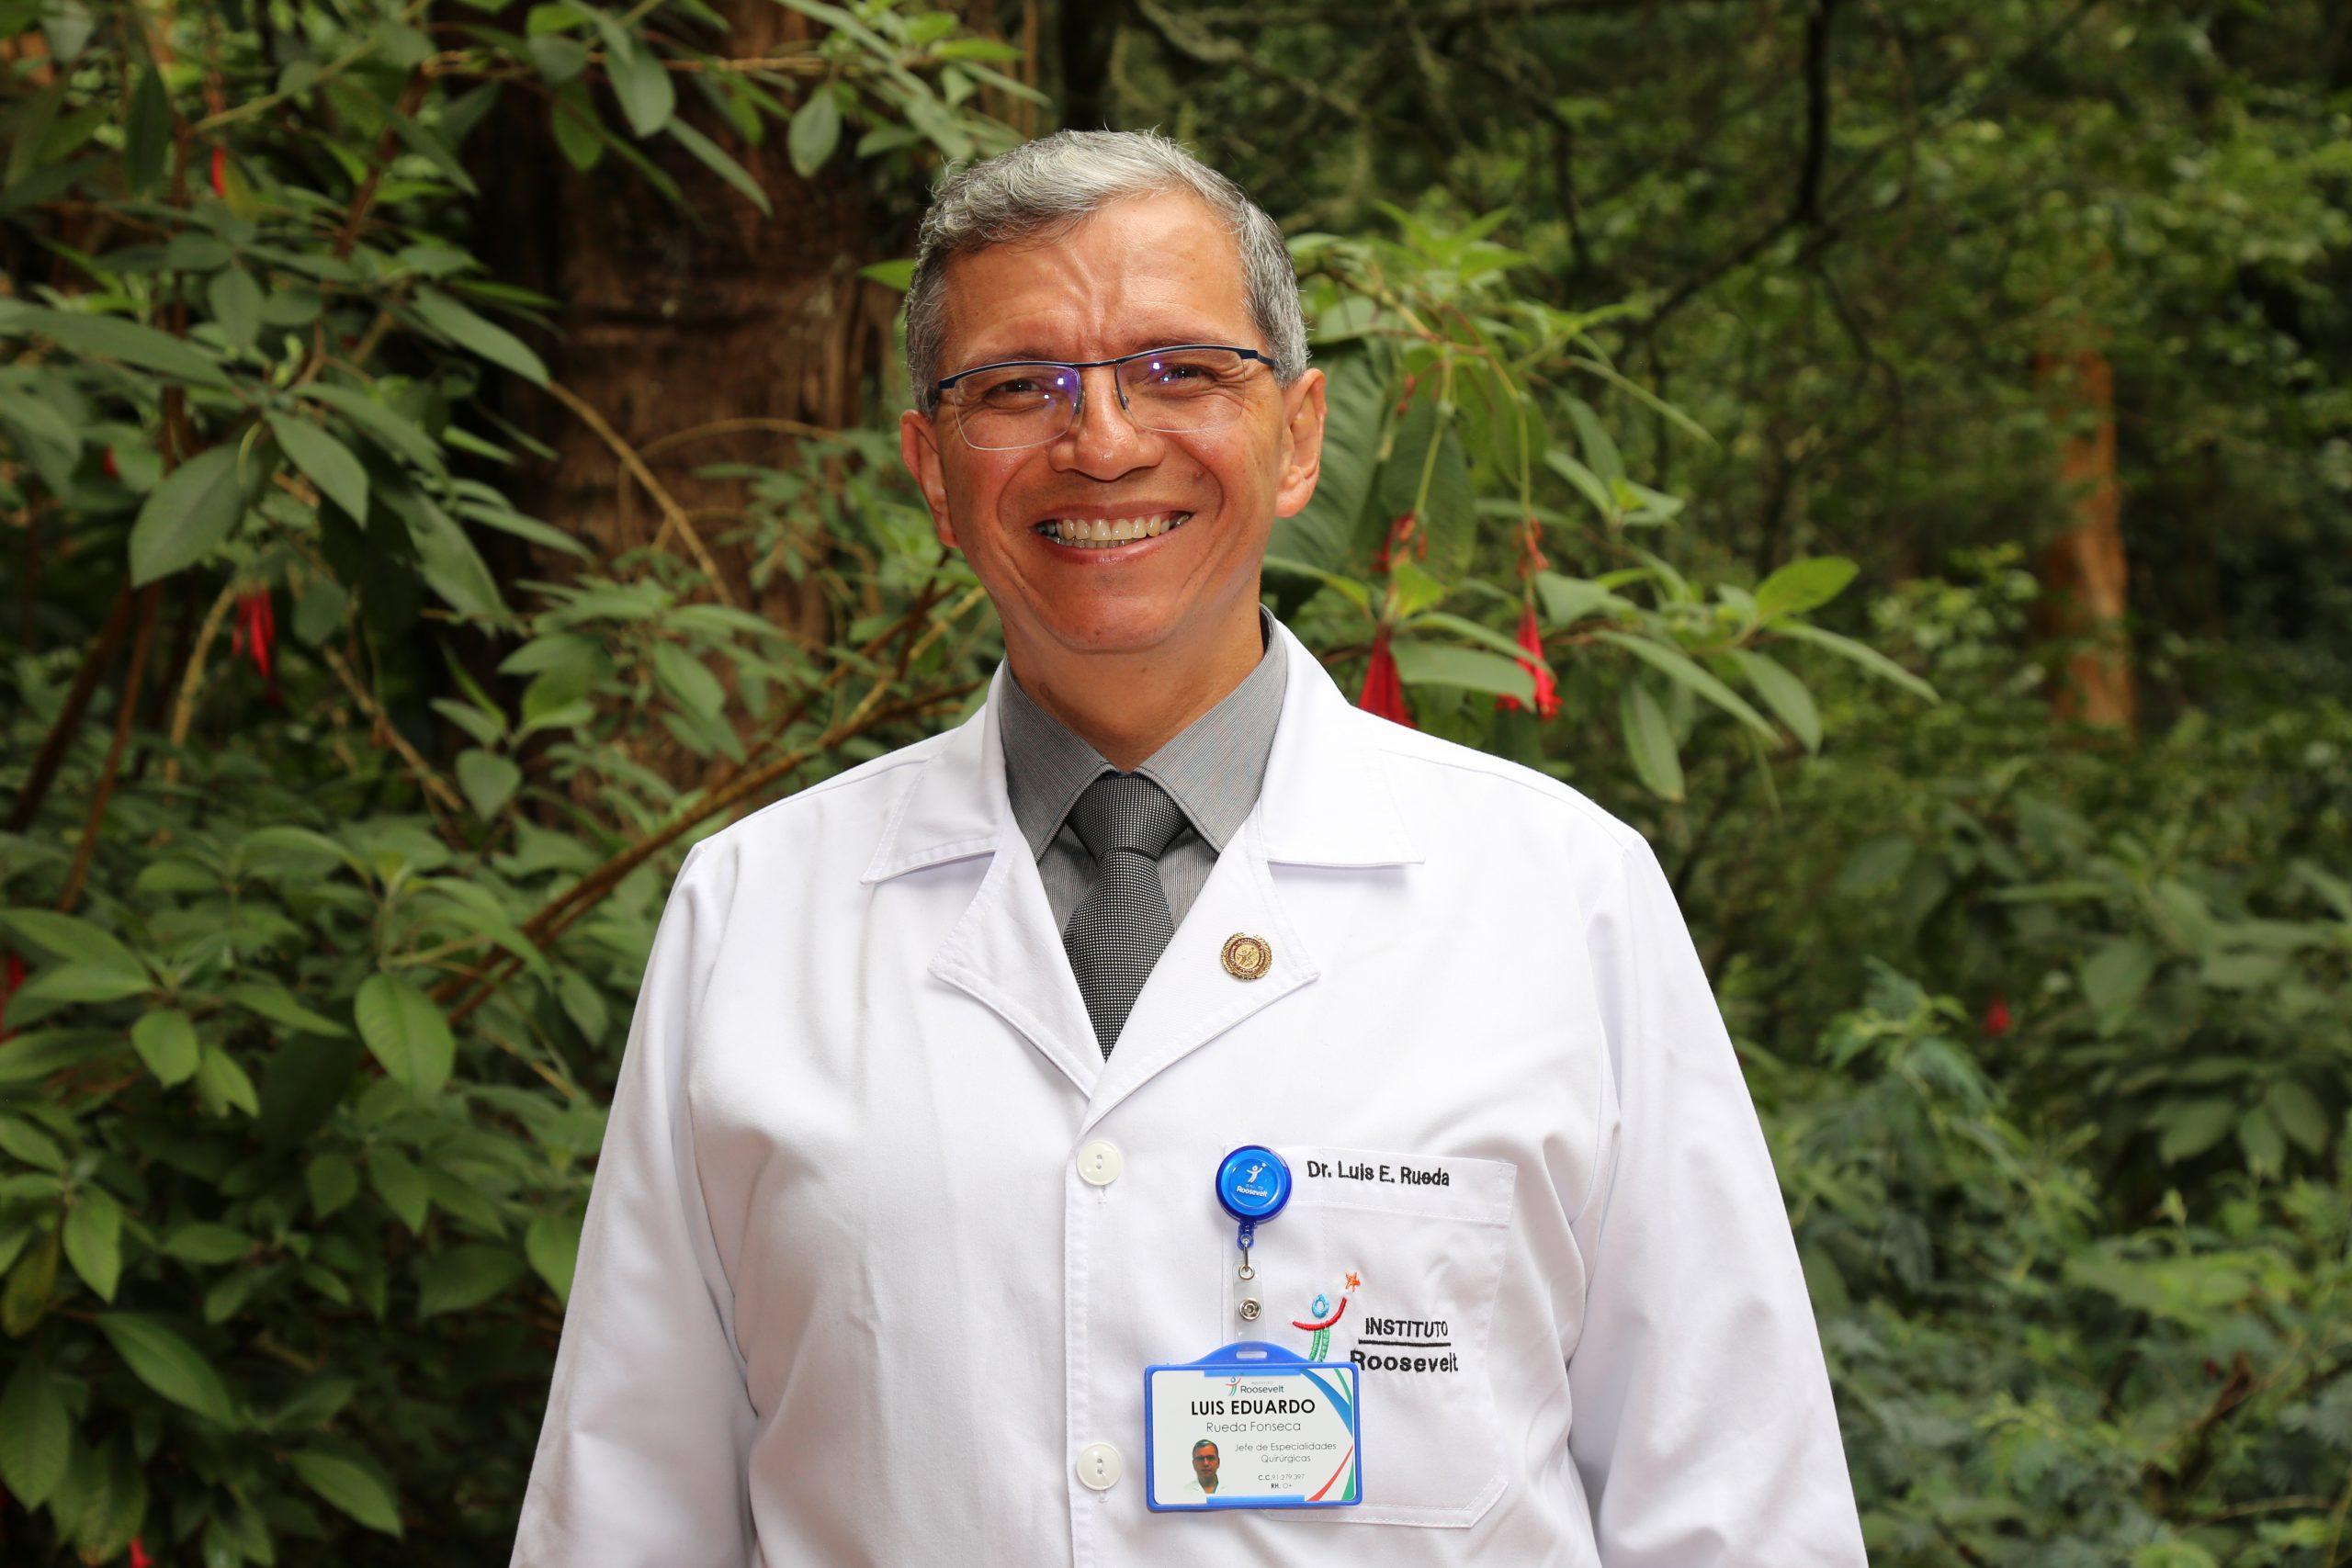 Dr Luis E Rueda